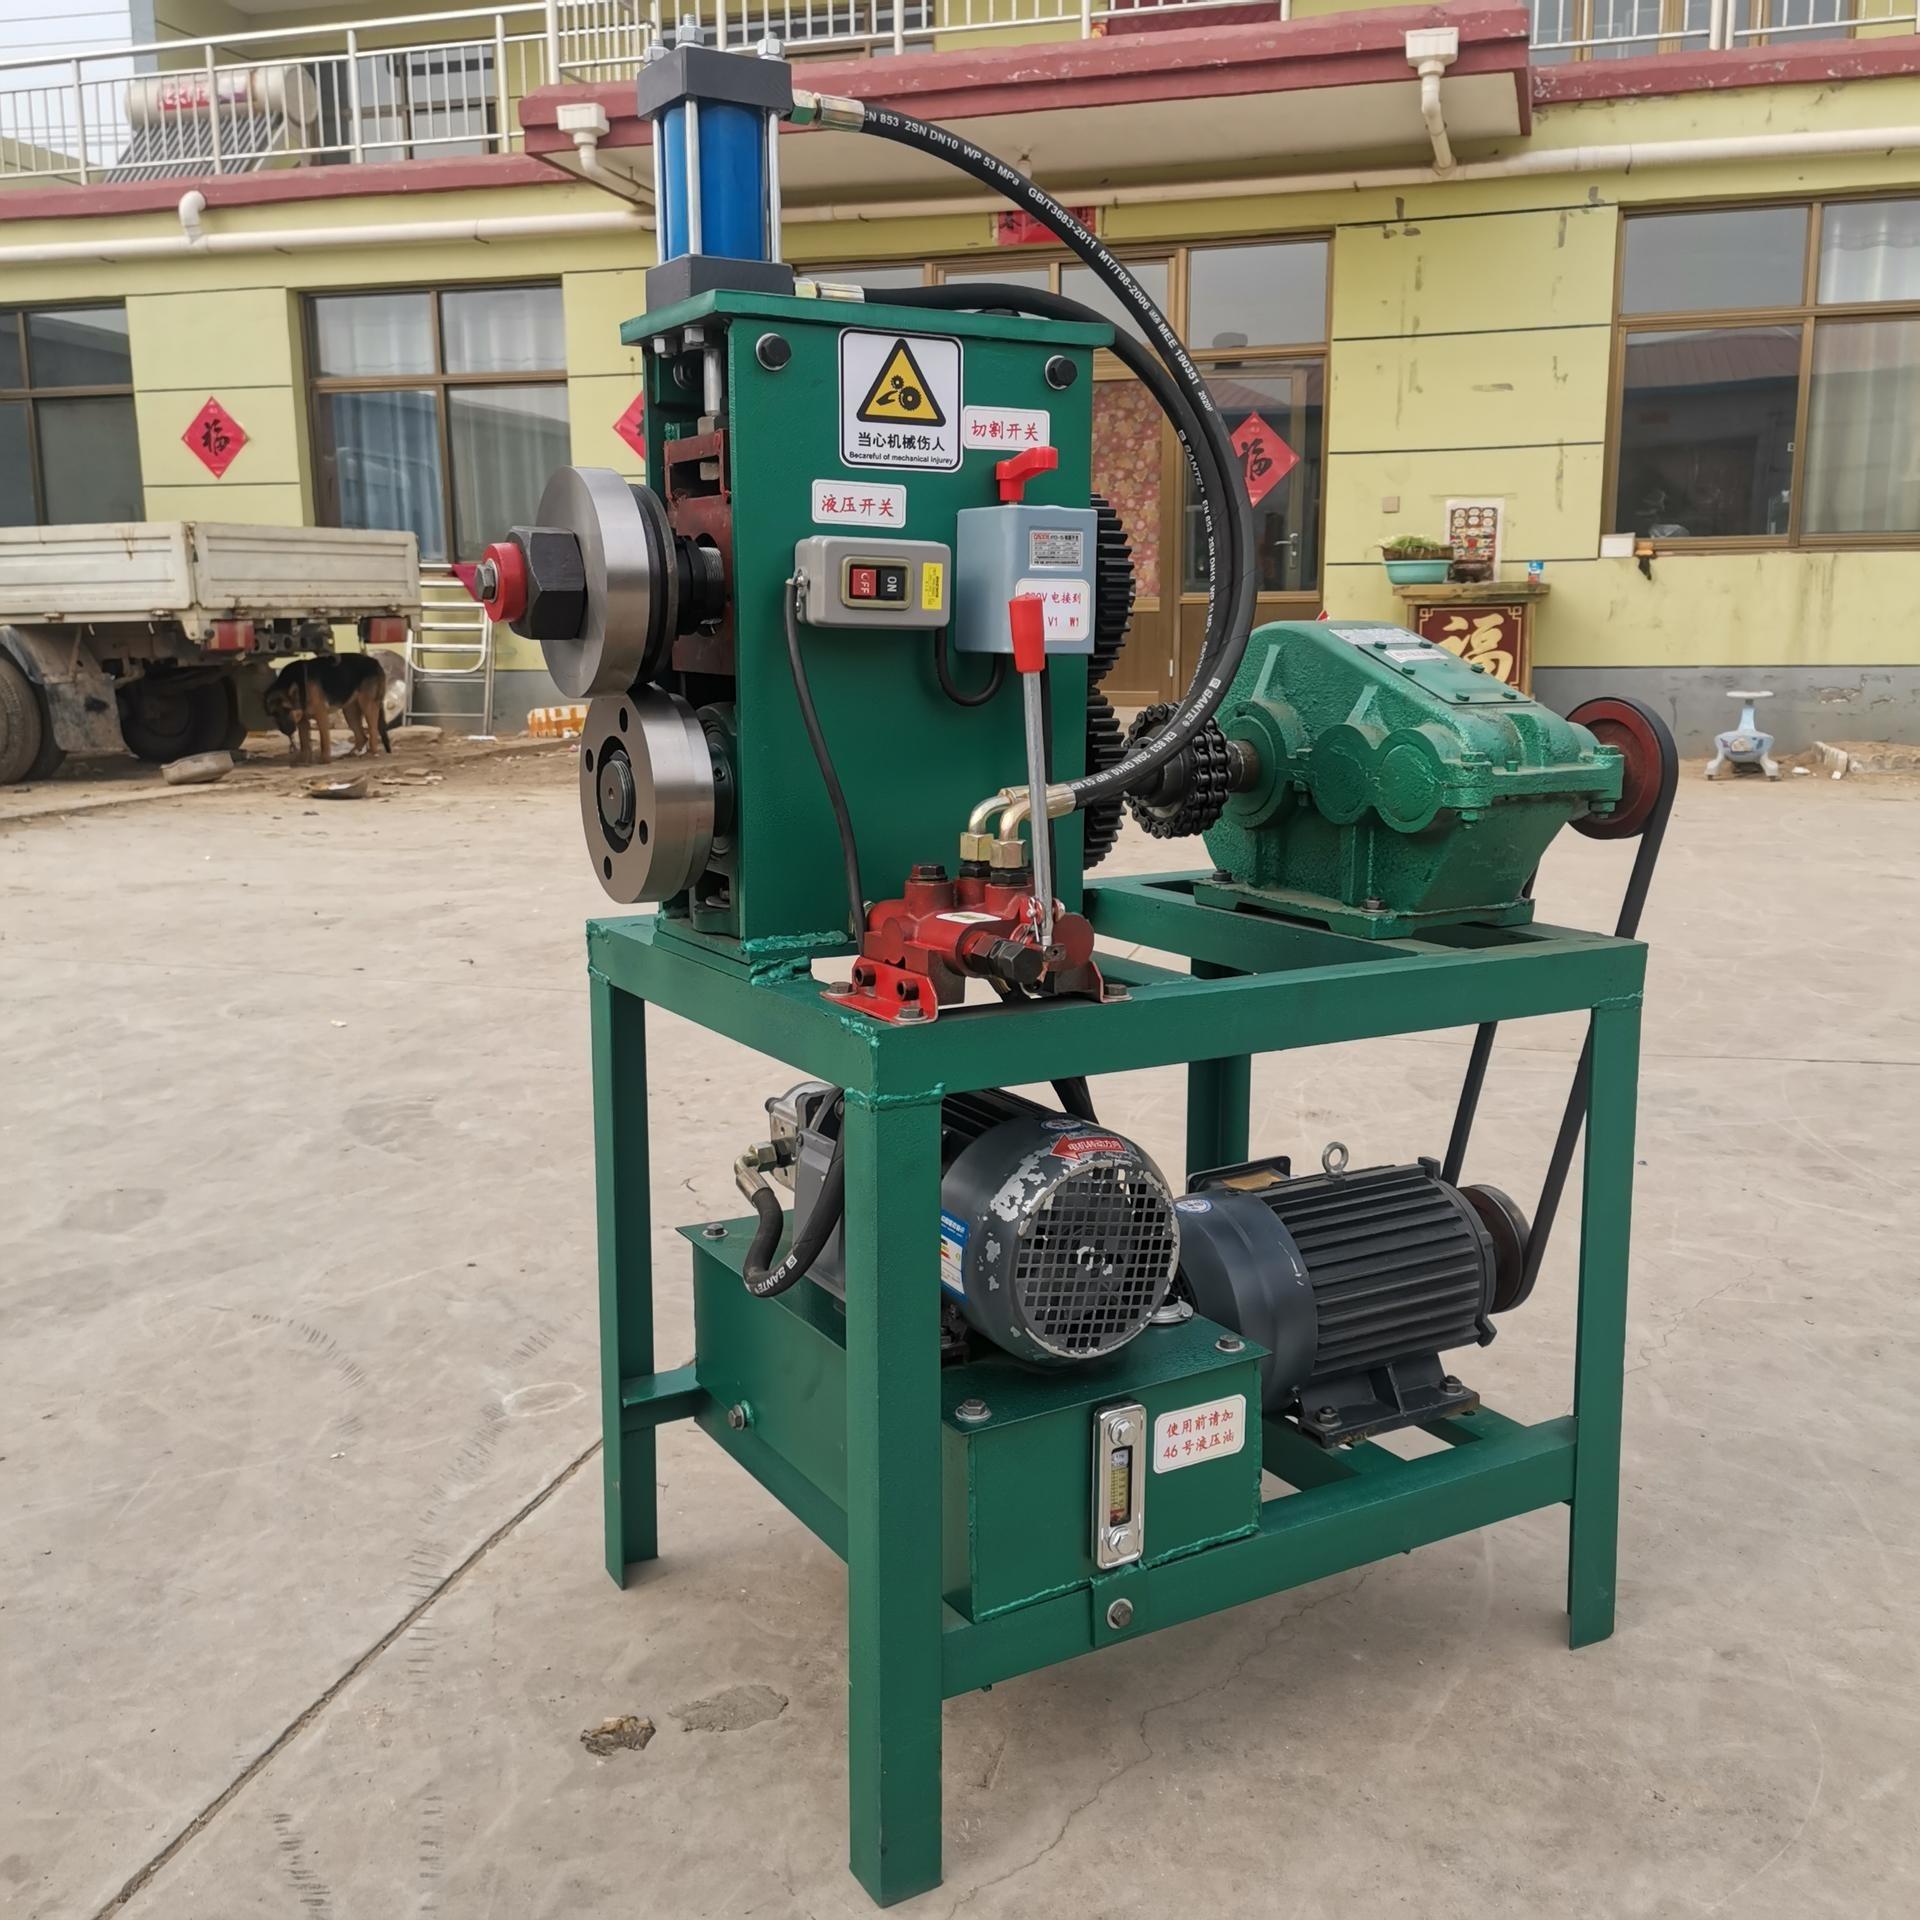 龍雨牌油桶切蓋機 廢舊油桶切蓋機視頻 廢油桶切割機 油桶壓平一體切割機廠家